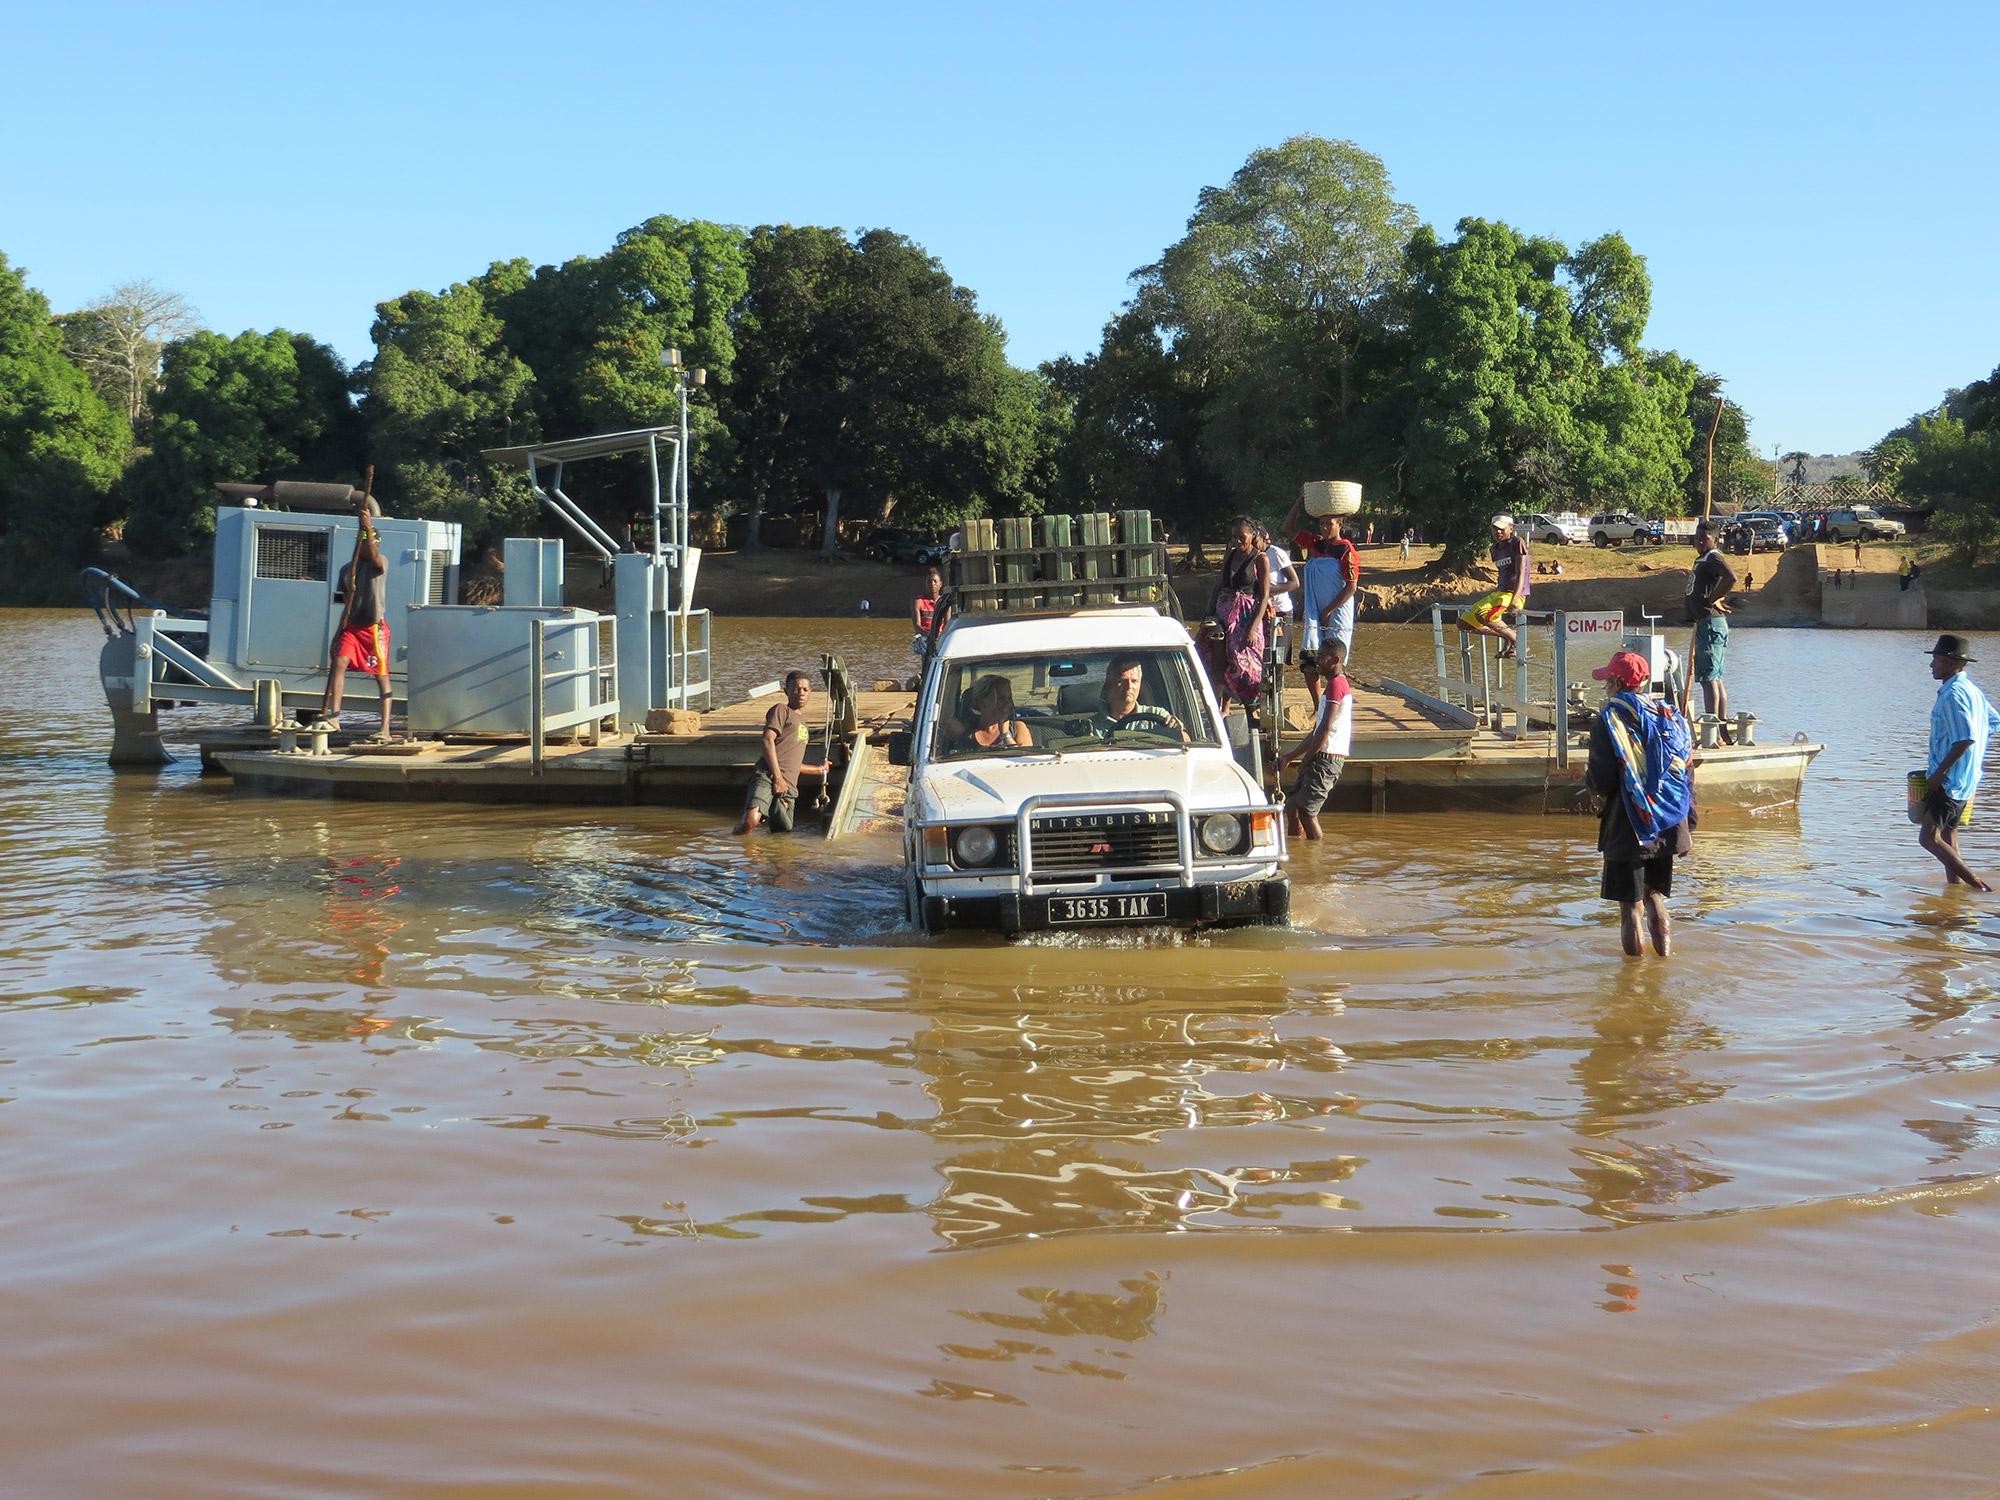 De volgers van Reizen & Reistips: Eric en Claudia - De rivier oversteken met een autovlot in Madagascar